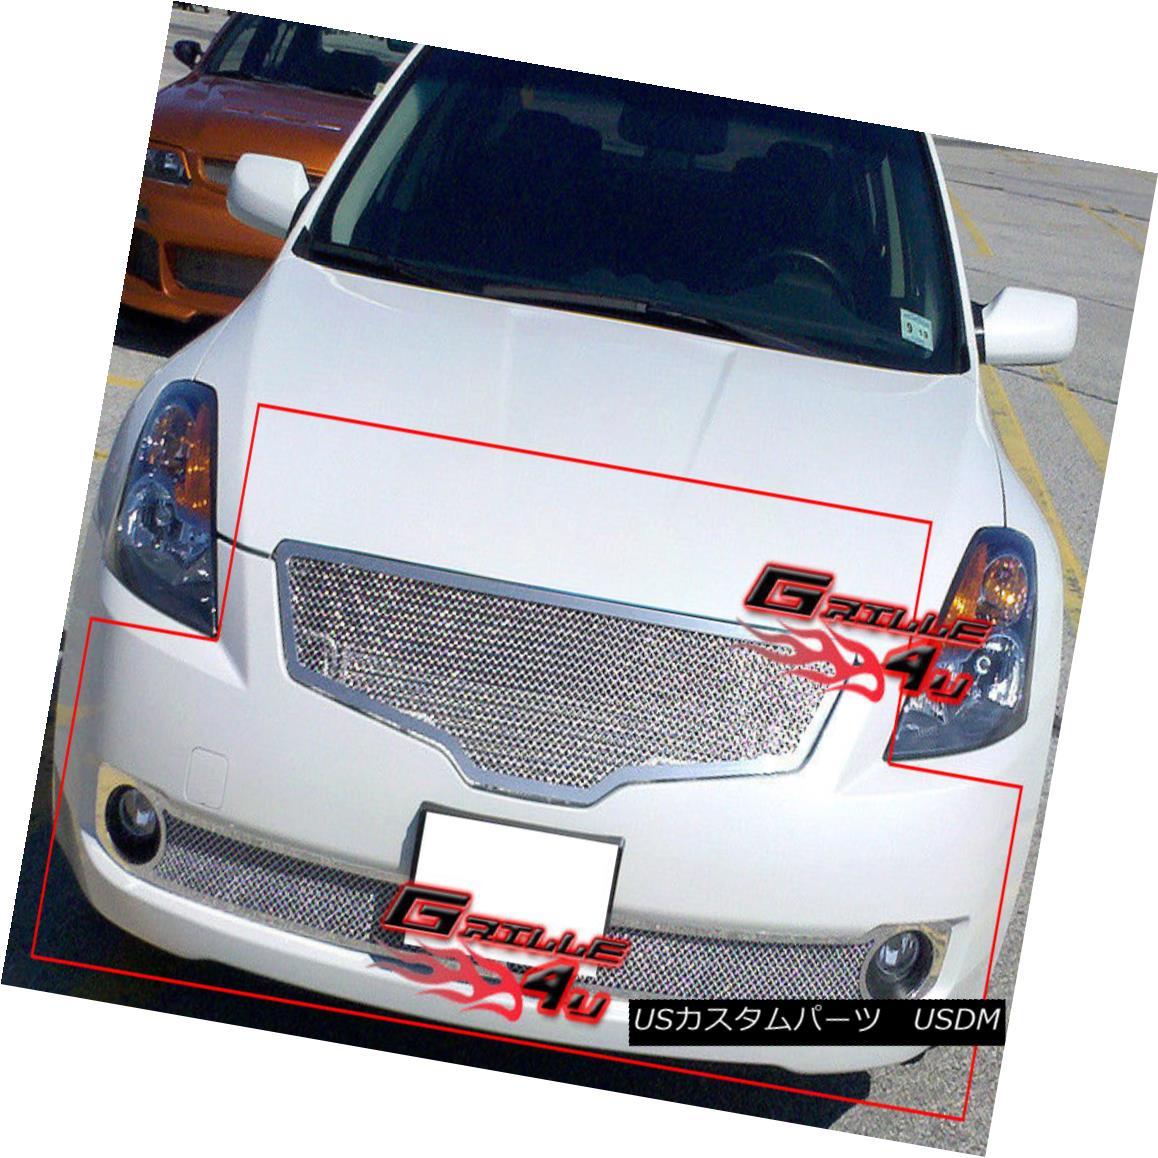 グリル Fits 07-09 Nissan Altima Sedan Stainless Mesh Grille Combo フィット07-09日産アルティマセダンステンレスメッシュグリルコンボ